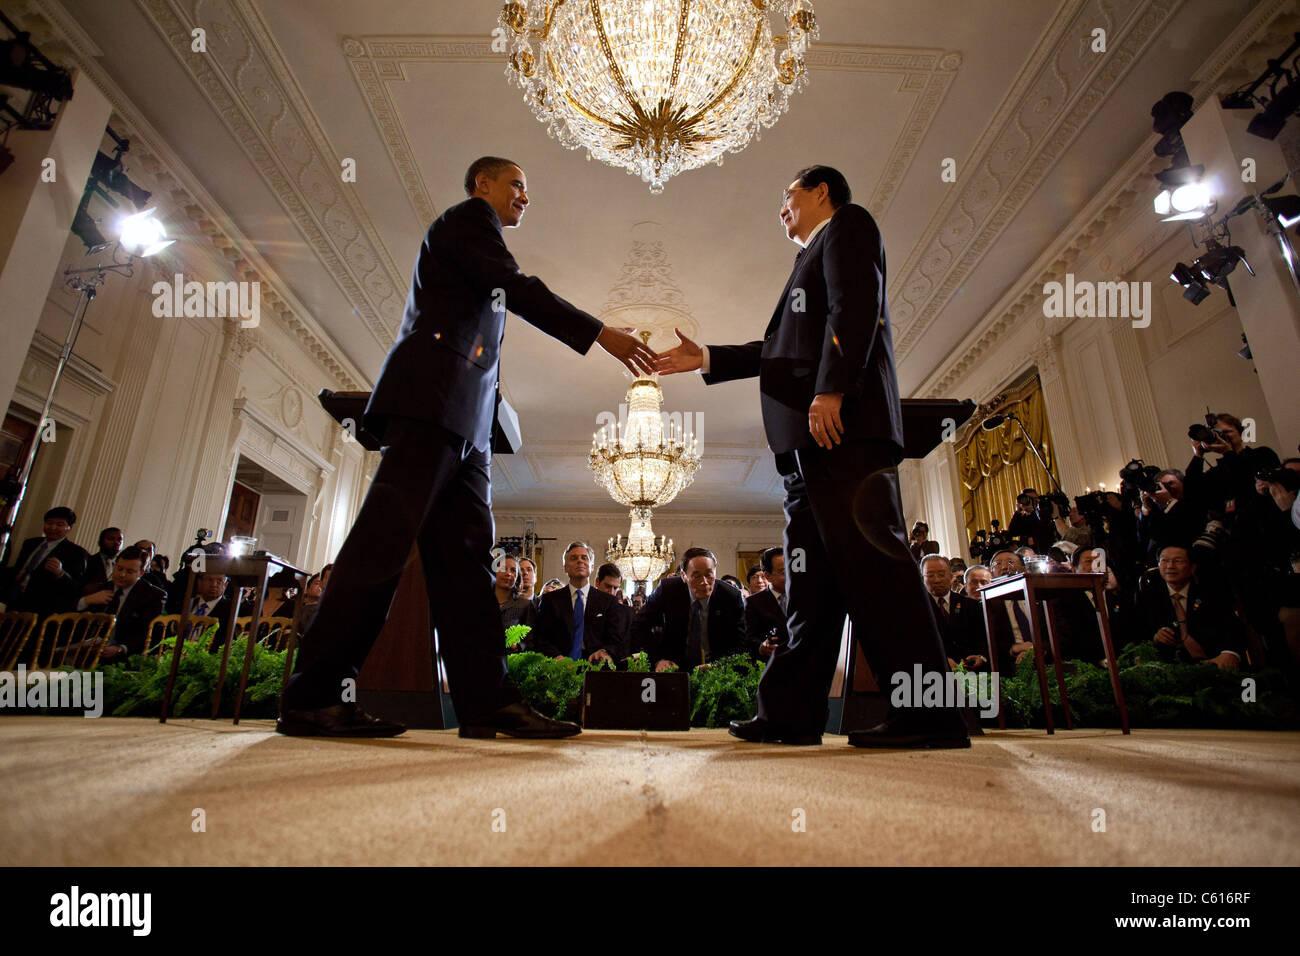 Präsident Obama und der chinesische Präsident Hu Jintao Handschlag am Ende ihrer gemeinsamen Pressekonferenz Stockbild